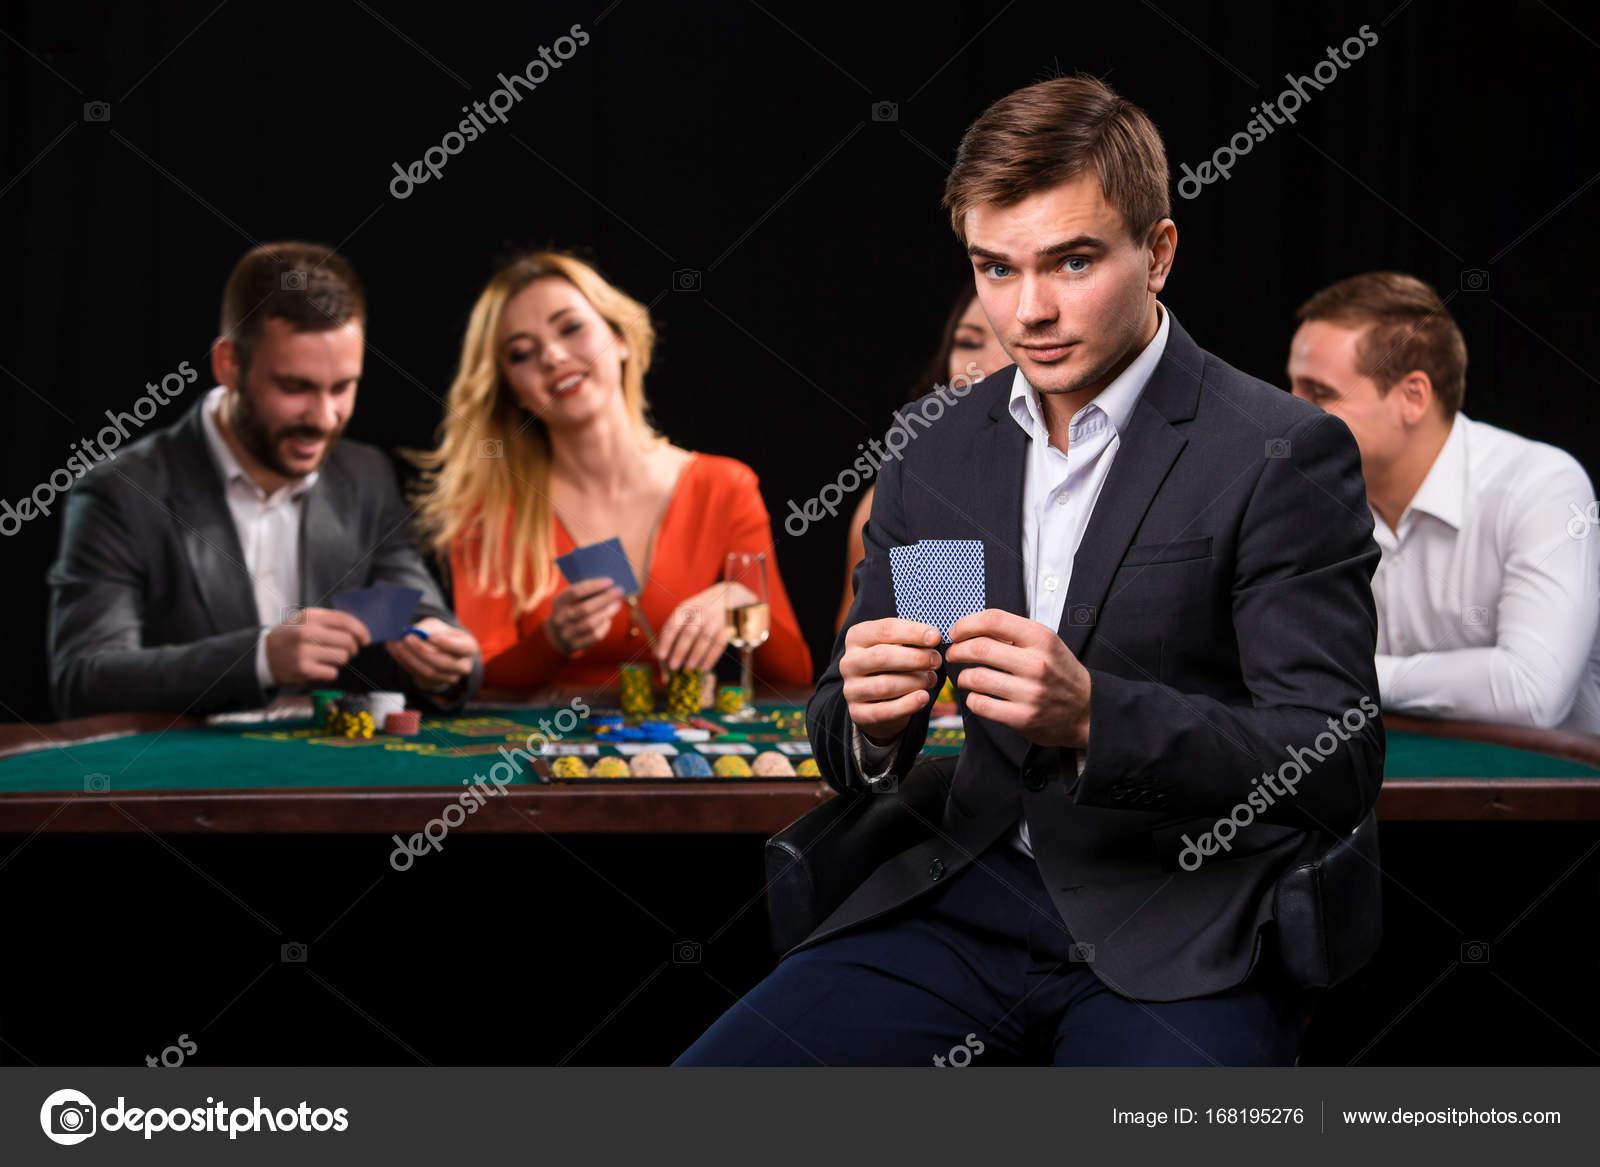 Минекрафт играть онлайн бесплатно без регистрации